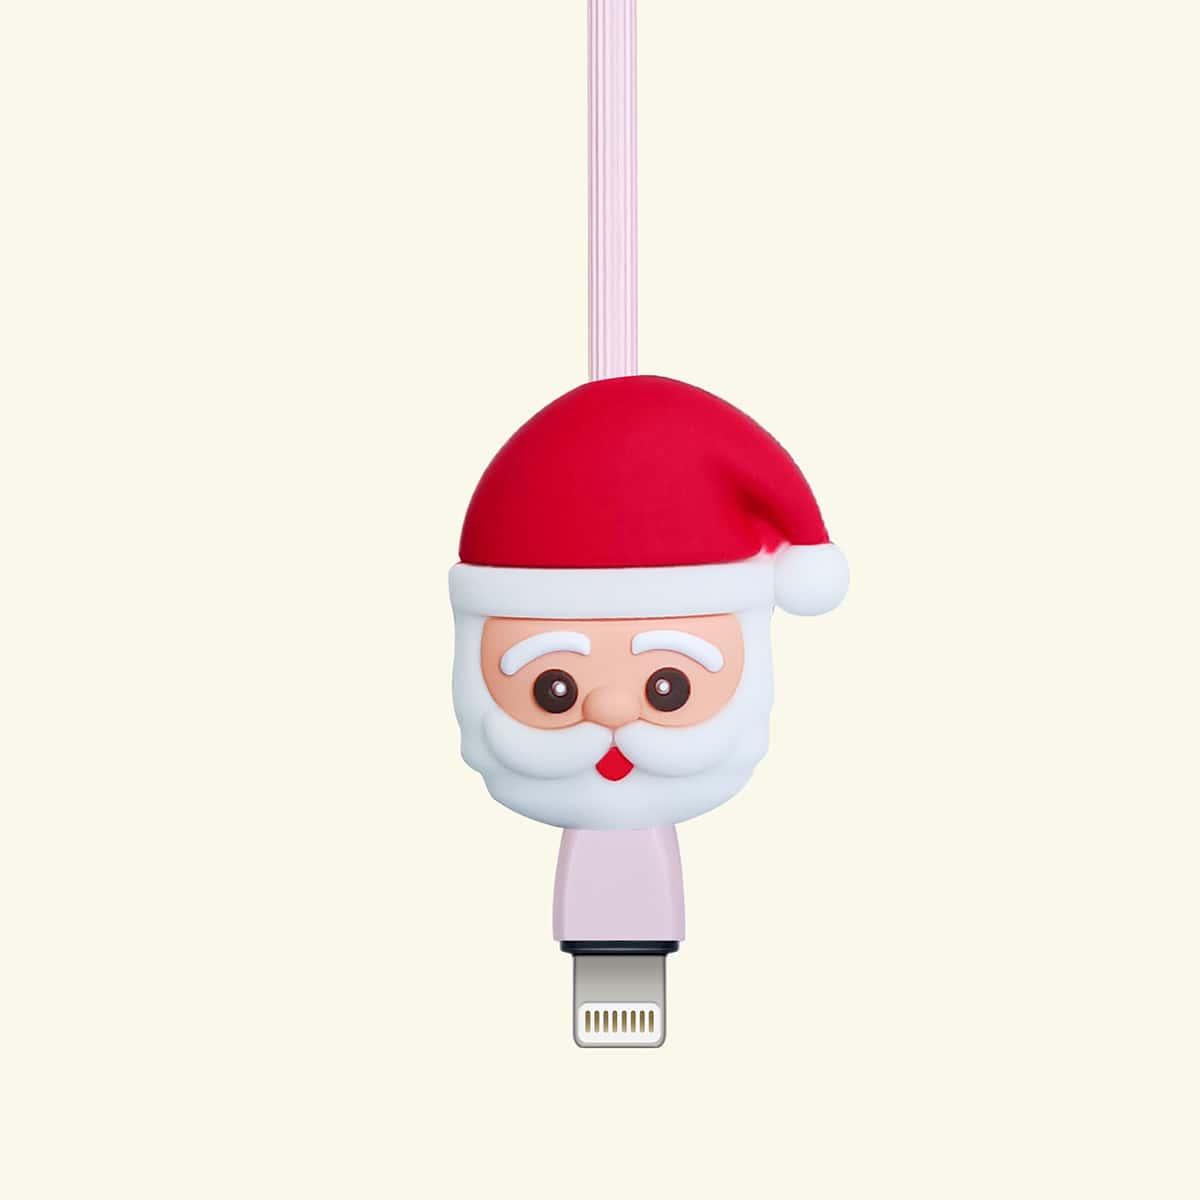 Рождественский протектор кабеля для передачи данных в форме Санта